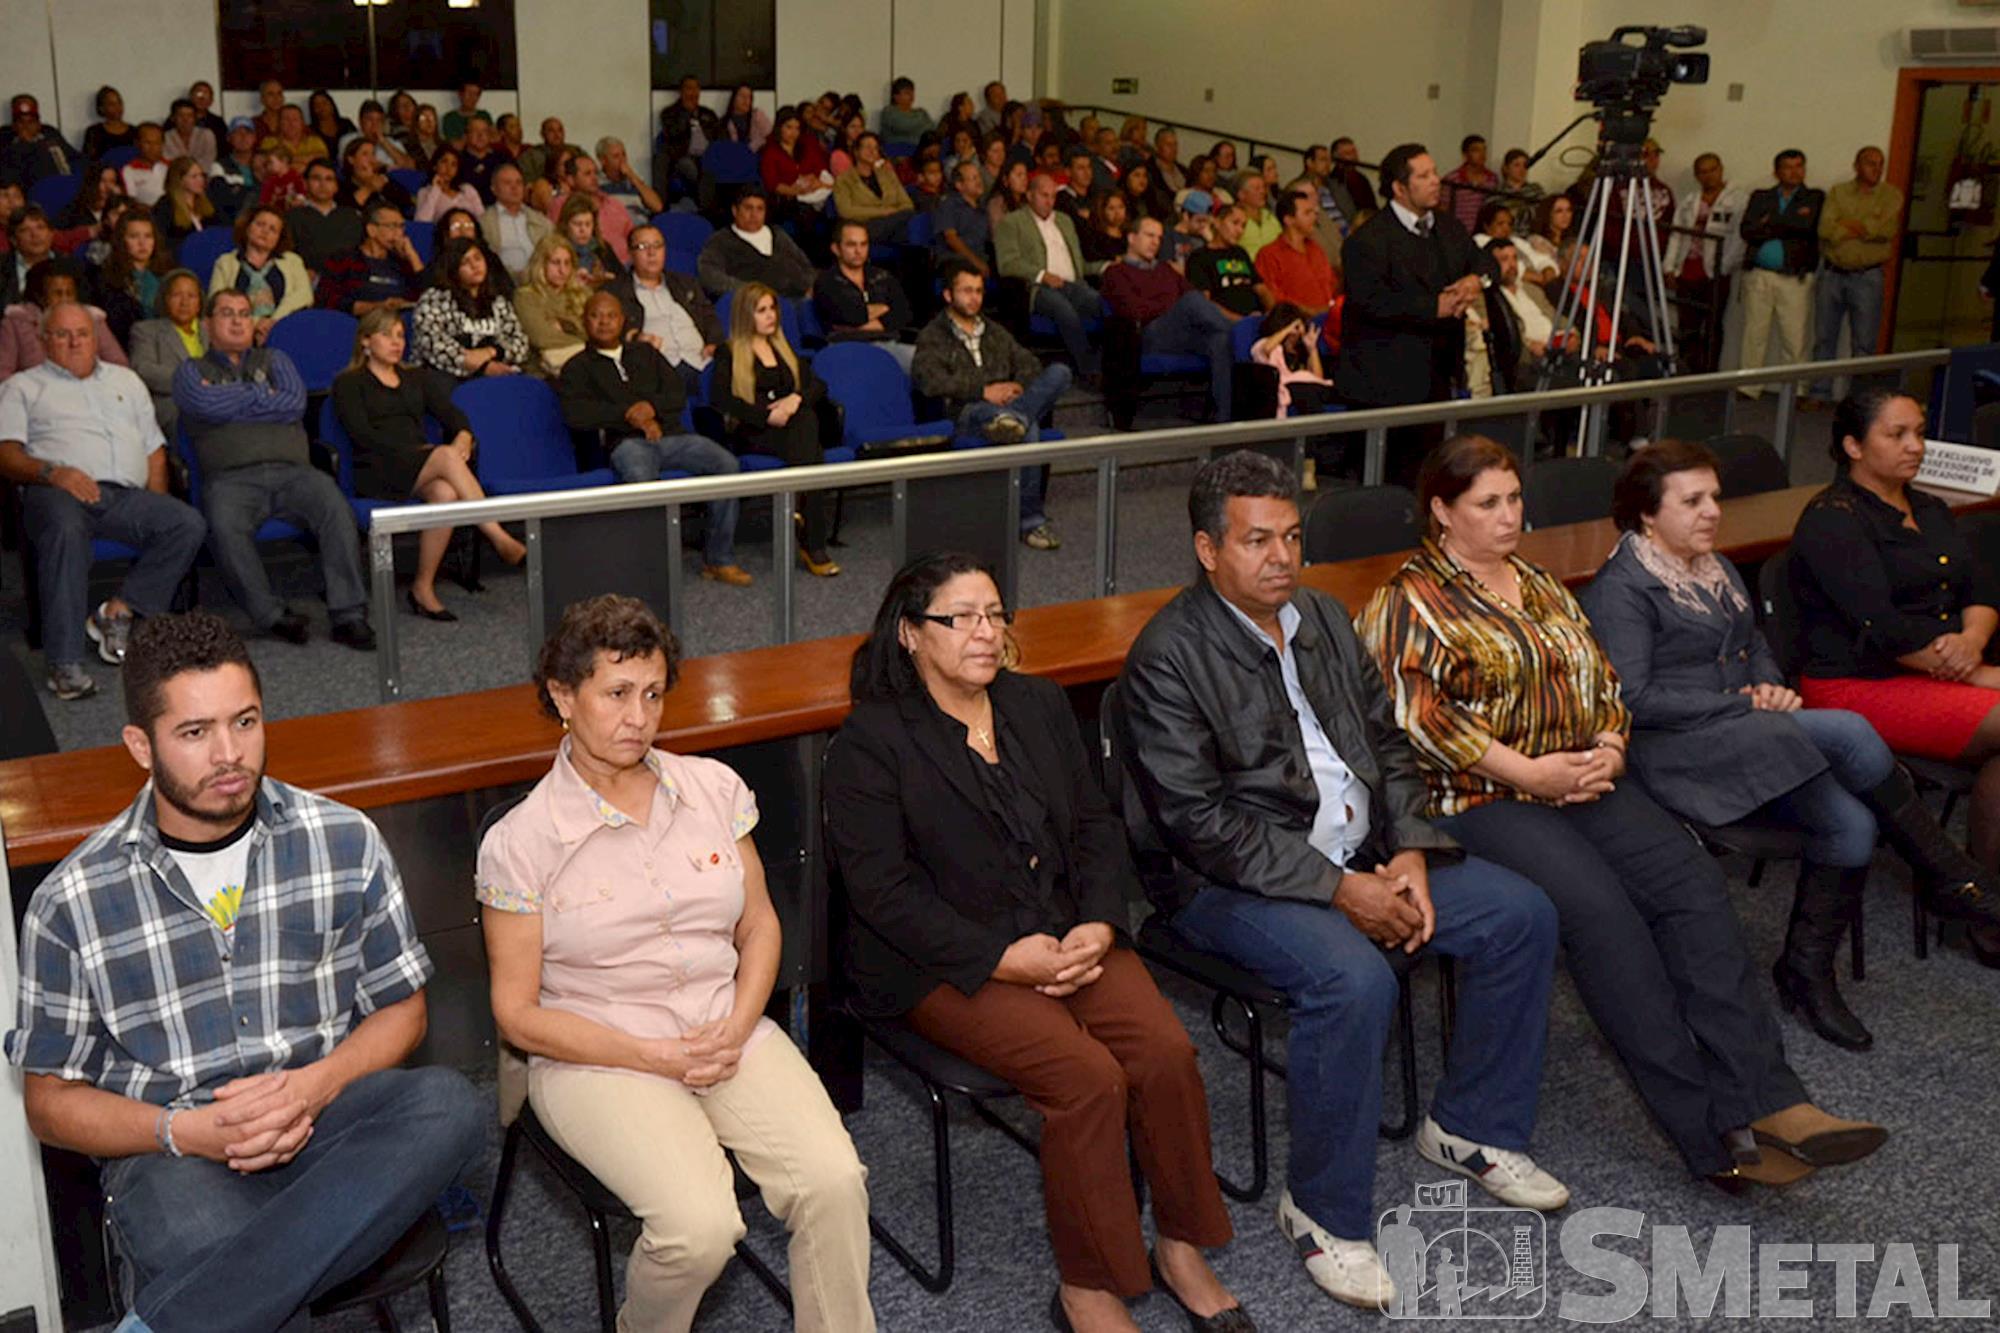 Além de homenagens a sindicalistas,  solenidade teve apresentação de vídeo sobre a Central Única dos Trabalhadores, Sessão Solene na Câmara de Sorocaba comemora 30 anos de CUT